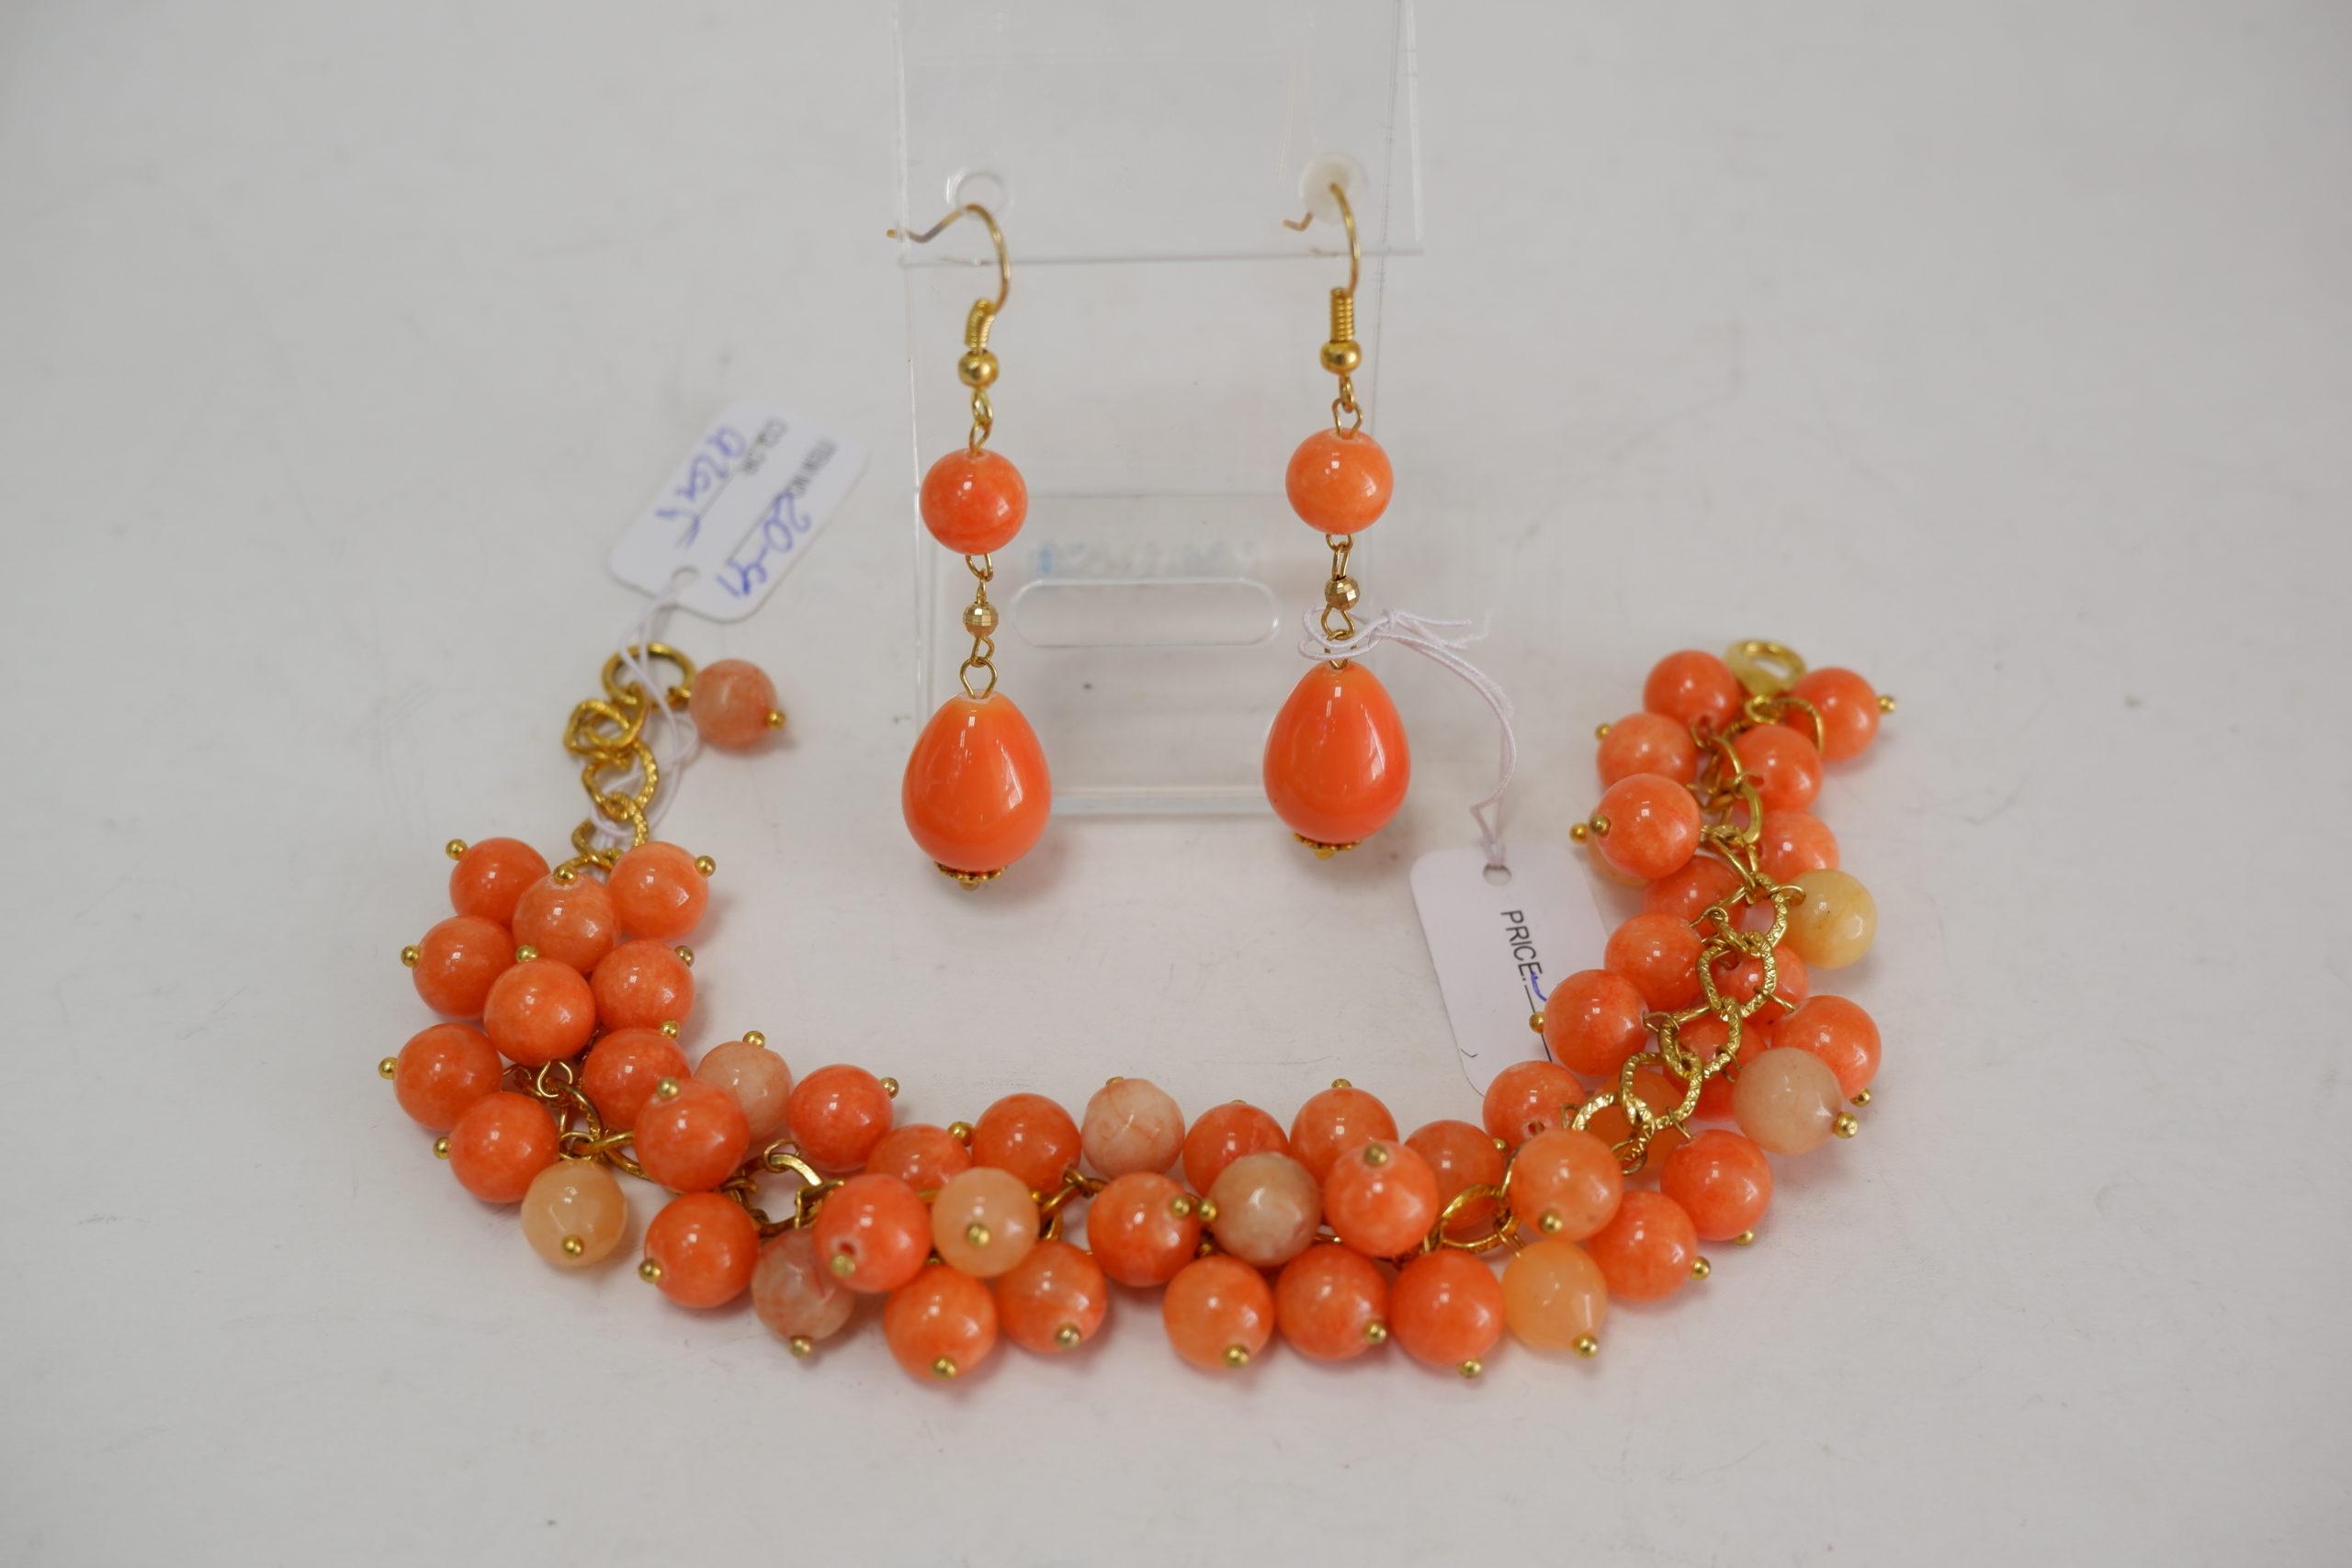 Браслет из агата оранжевый на цепочке и серьги